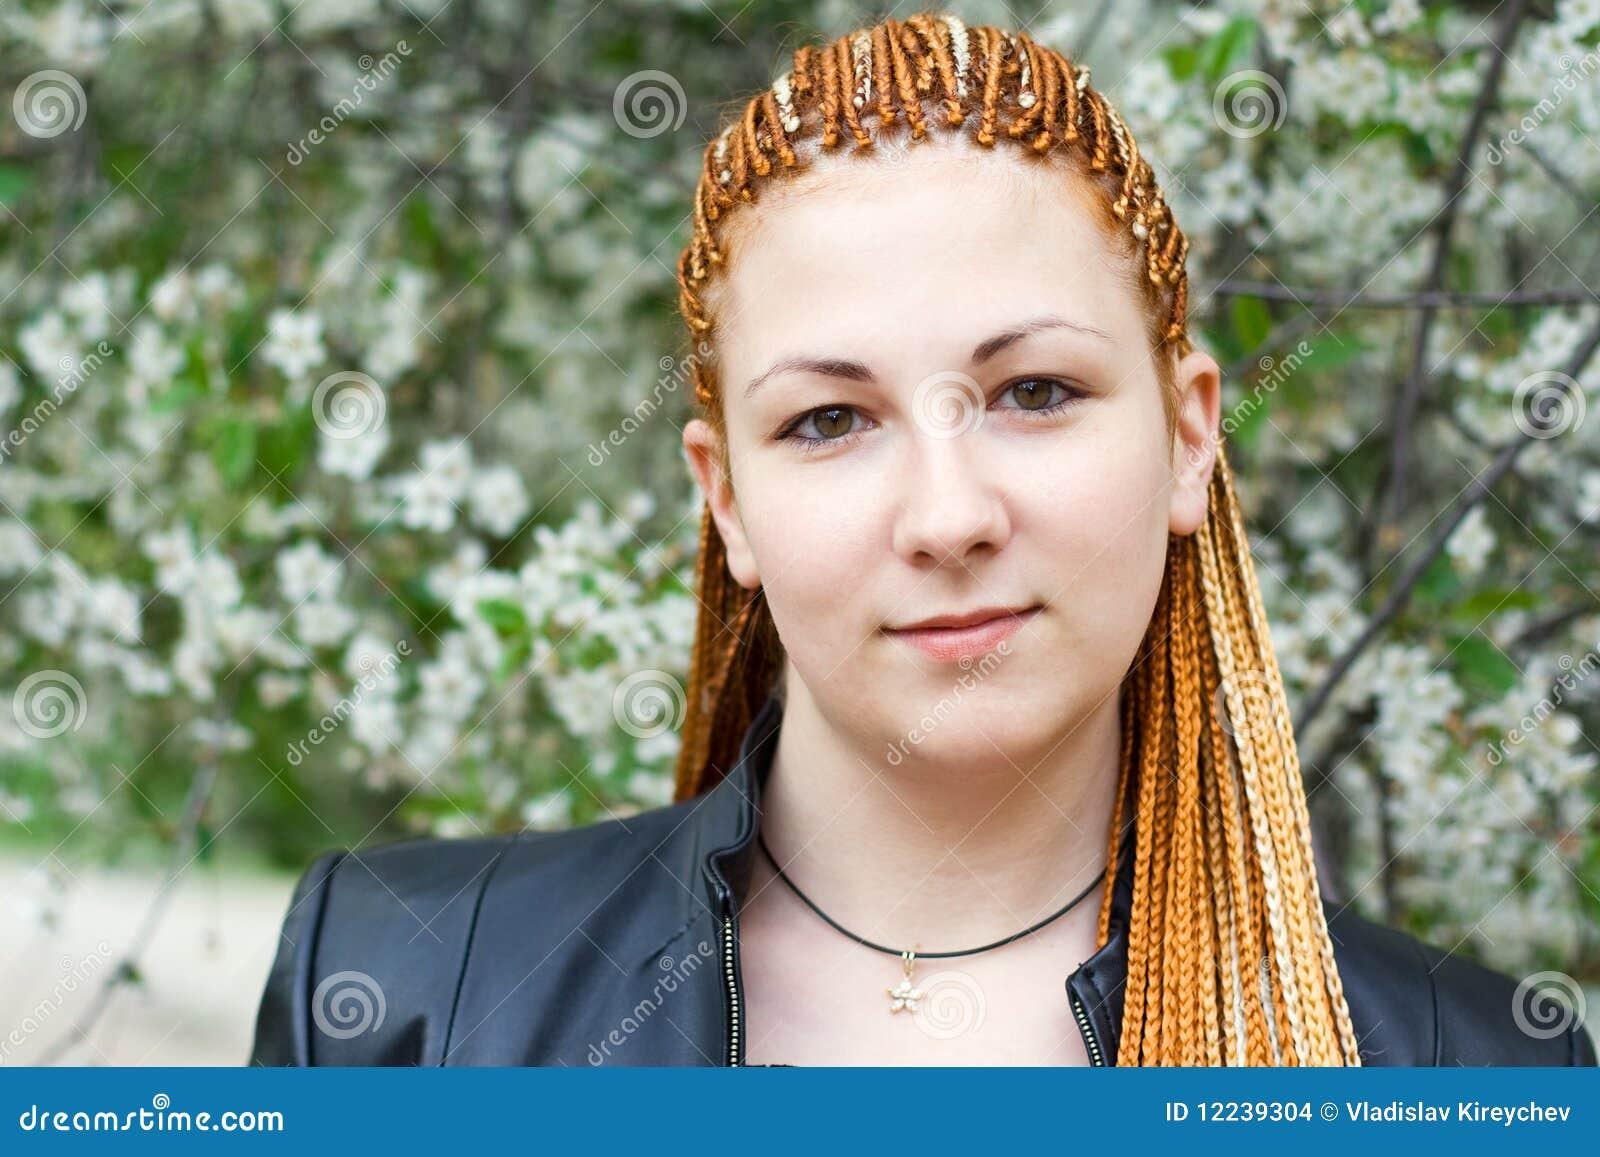 mulher-bonita-nova-com-tranças-africanas-12239304.jpg